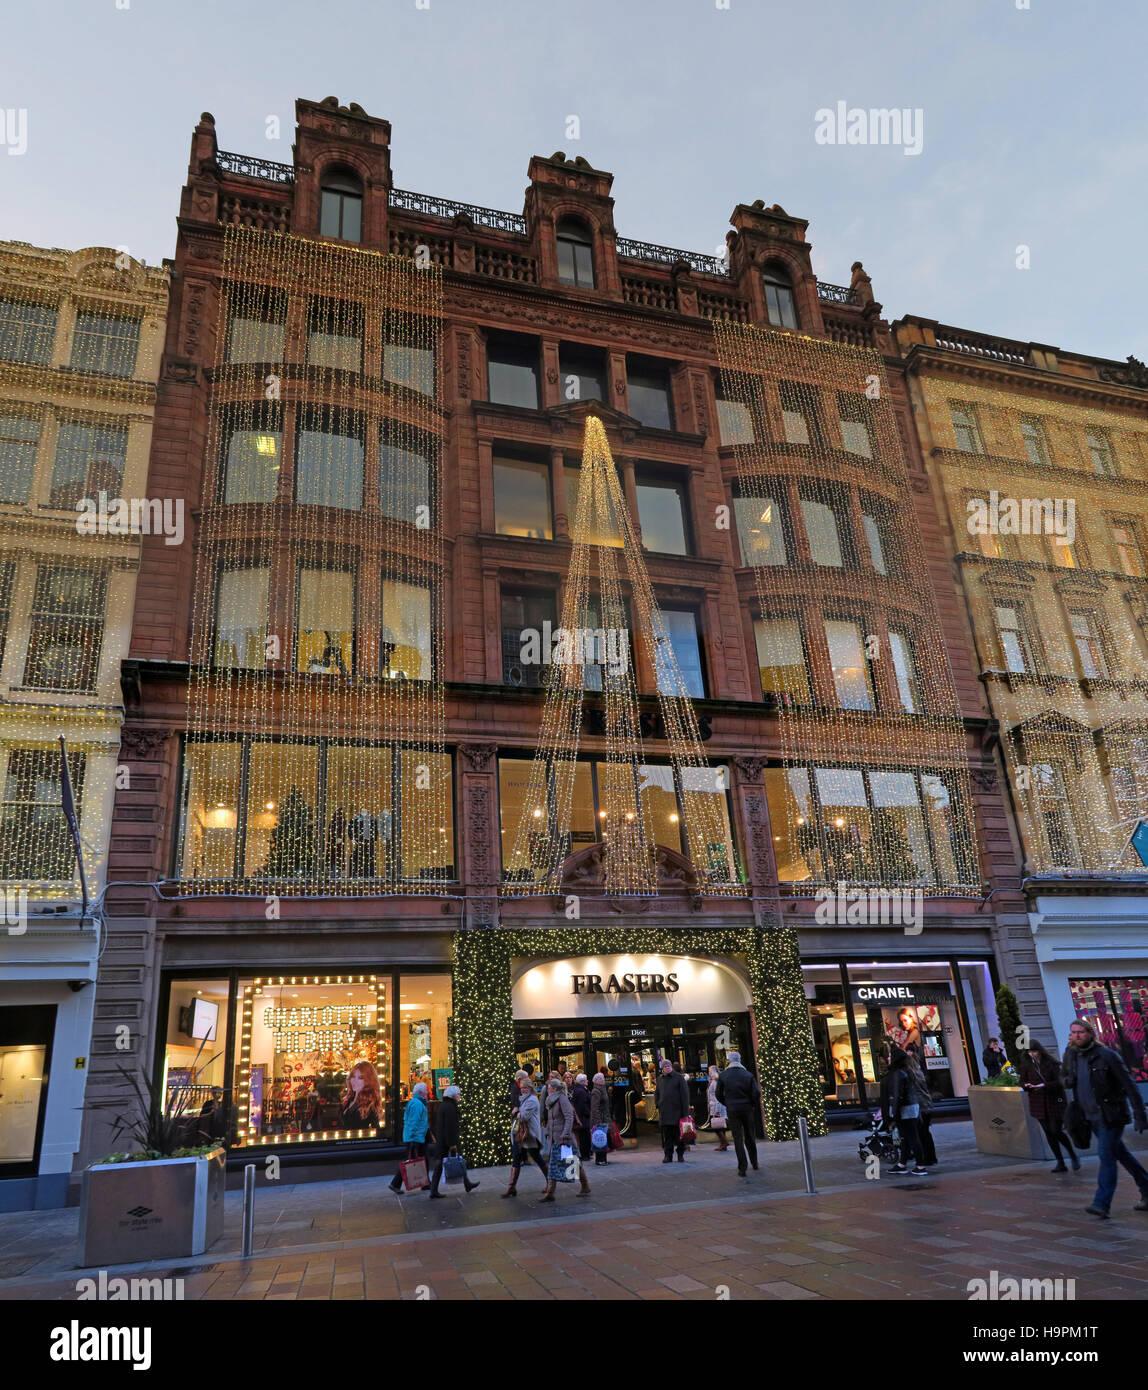 Laden Sie dieses Alamy Stockfoto Fraser Dept Store, 45 Buchanan St, Weihnachten, Glasgow, Schottland, UK - H9PM1T